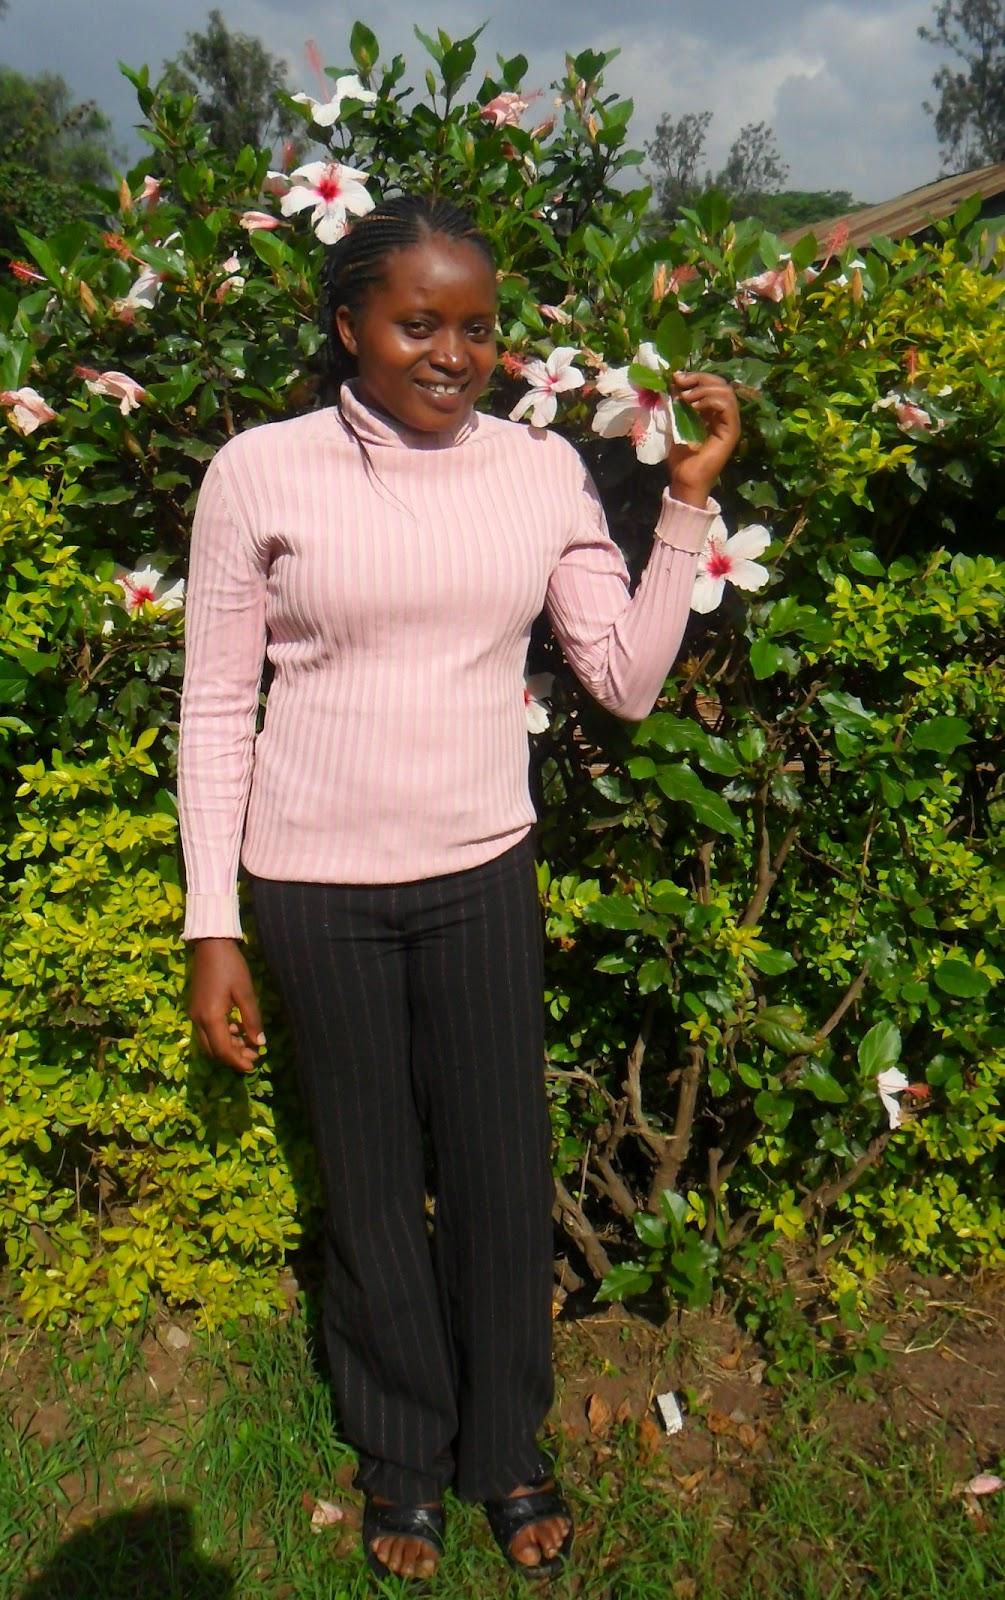 Hookup sites for single parents in kenya